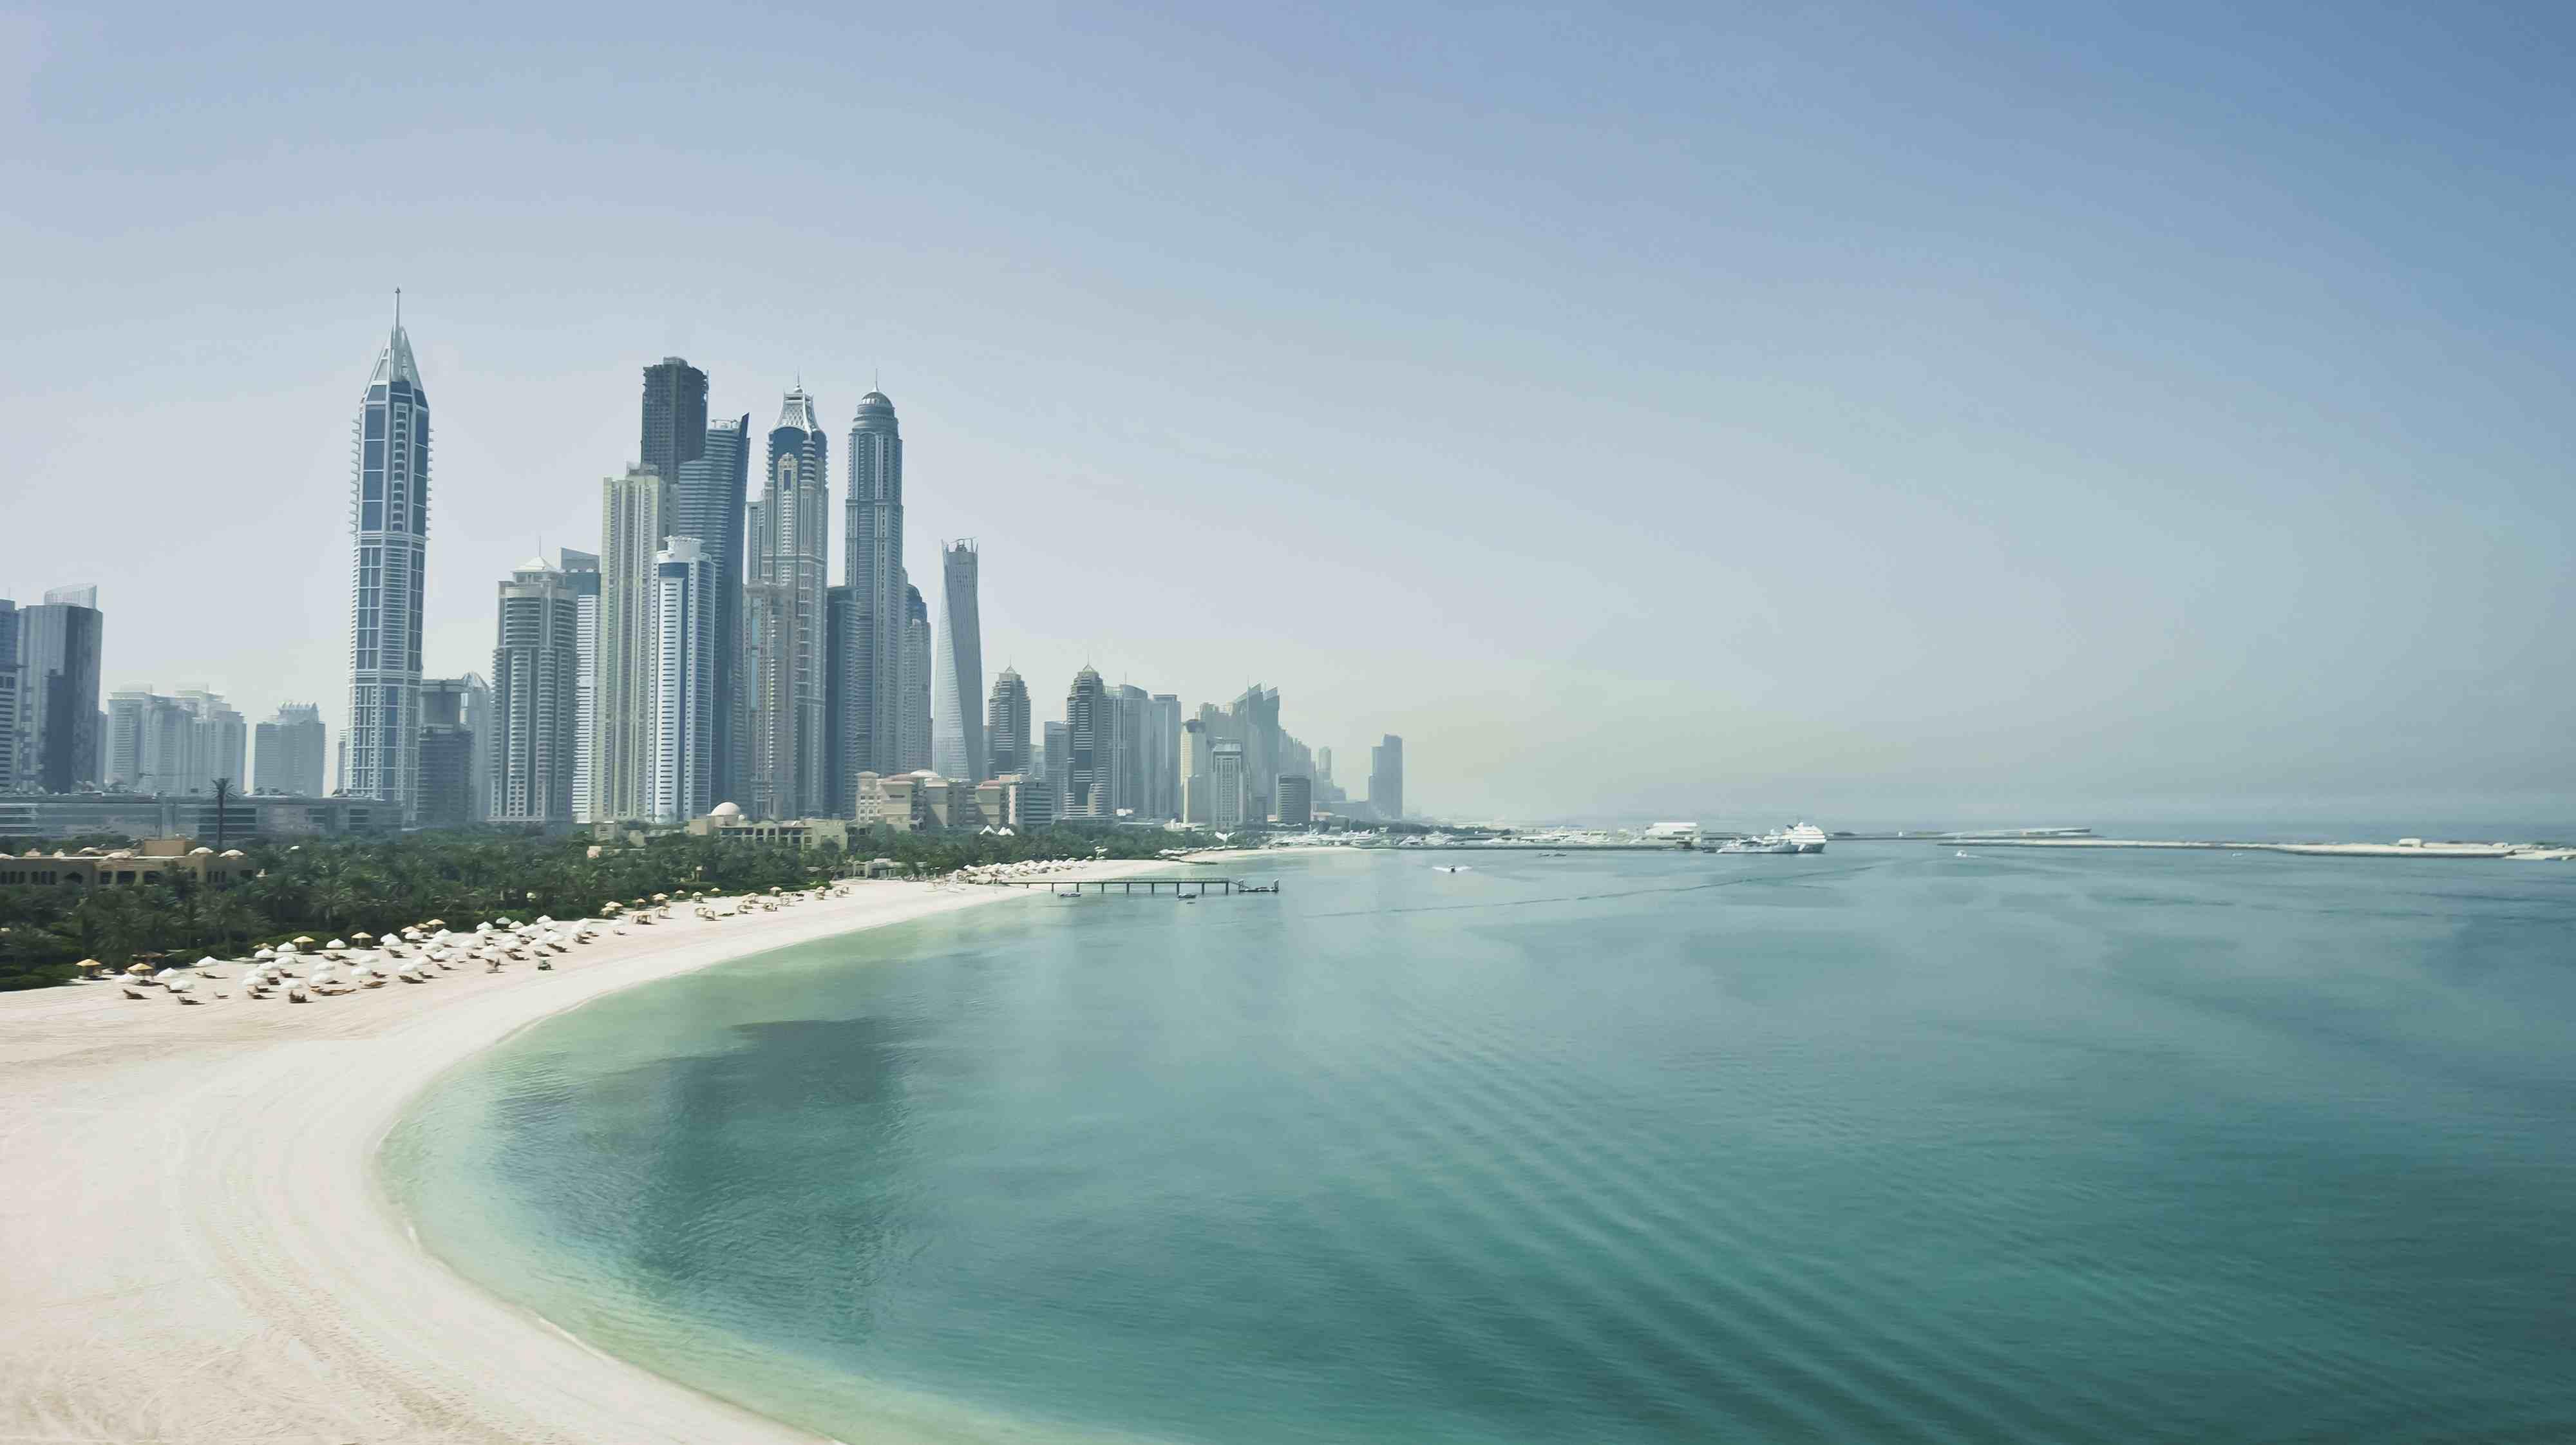 United Arab Emirates | Cleveland State University